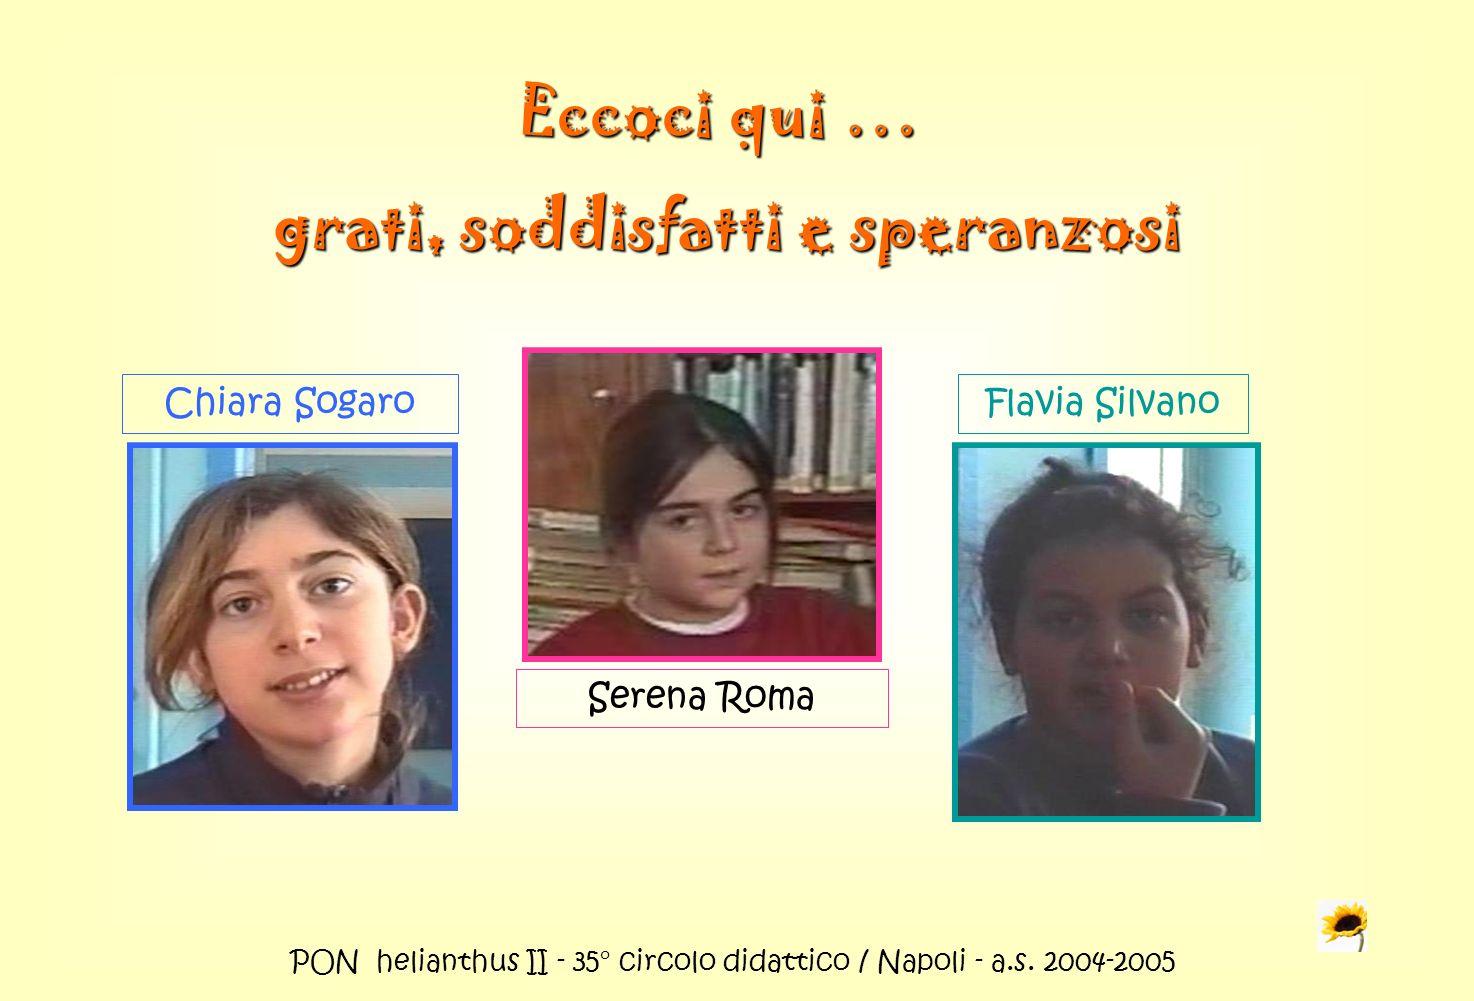 PON helianthus II - 35° circolo didattico / Napoli - a.s. 2004-2005 Eccoci qui … grati, soddisfatti e speranzosi grati, soddisfatti e speranzosi Chiar